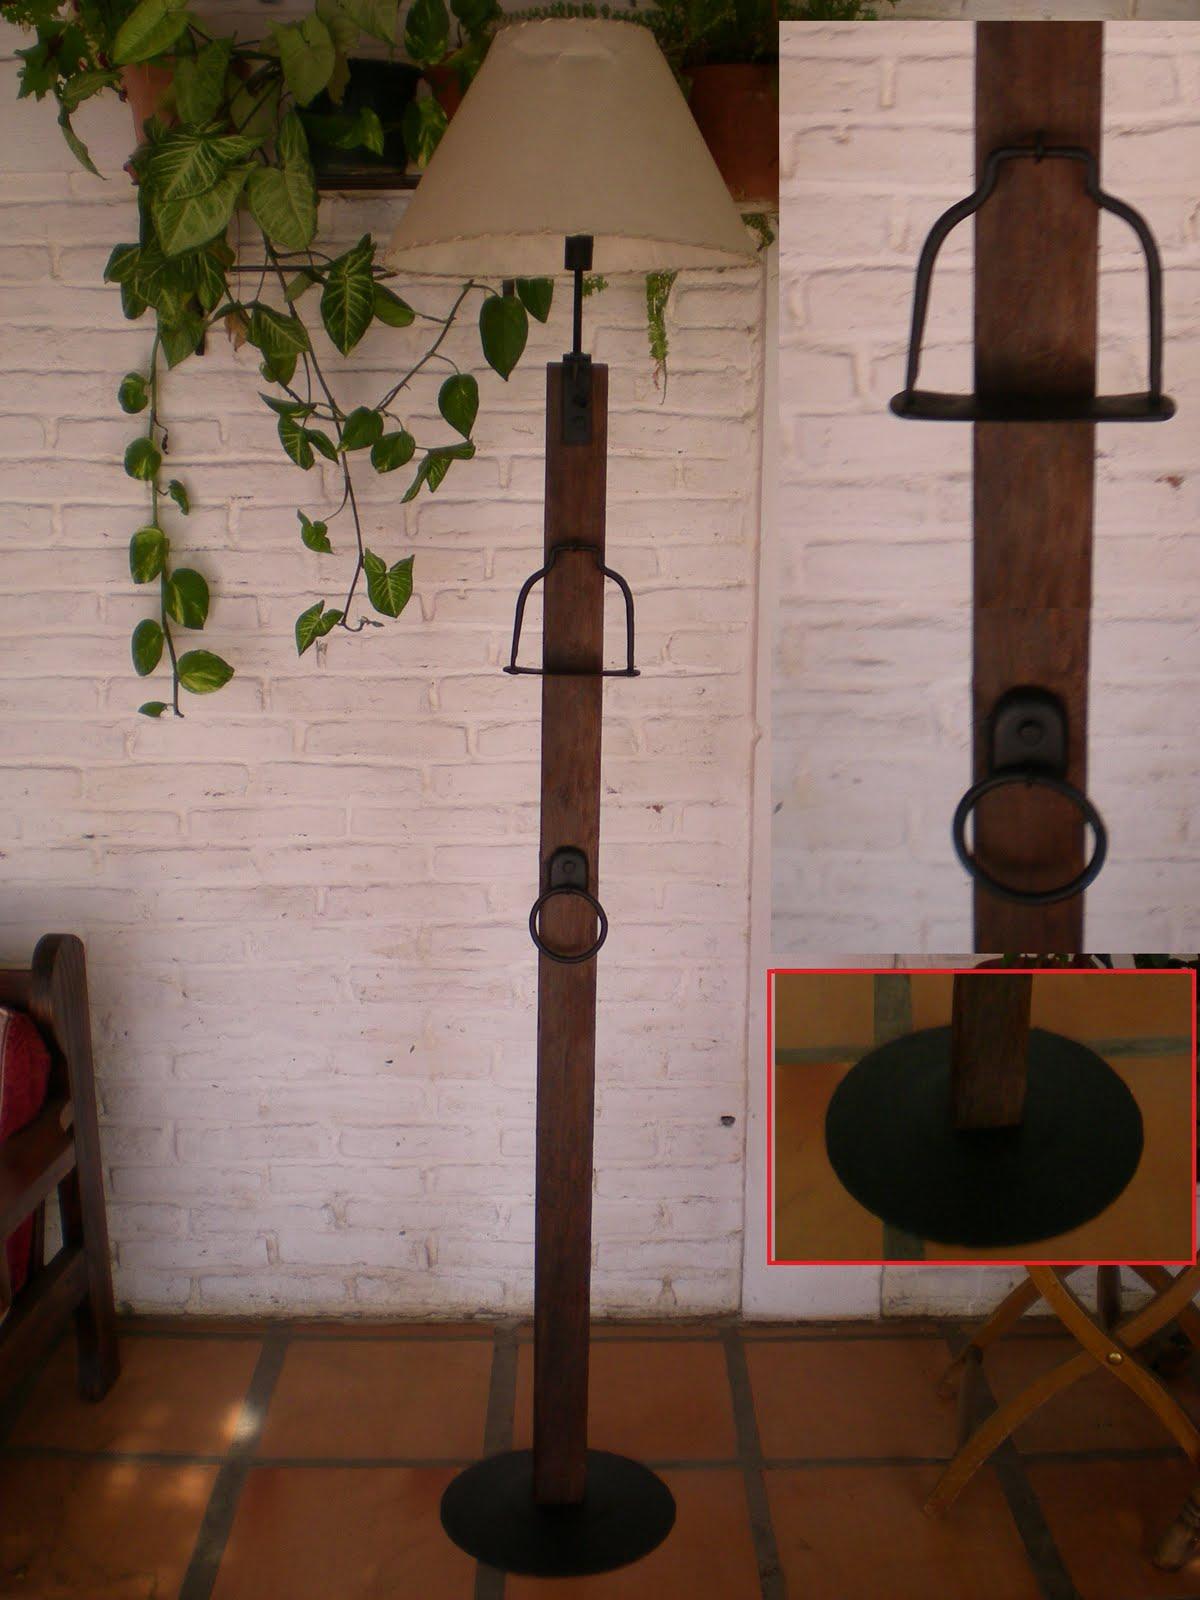 El fog n artesan as en madera r stica y hierro uruguay - Lamparas de pie rusticas de madera ...